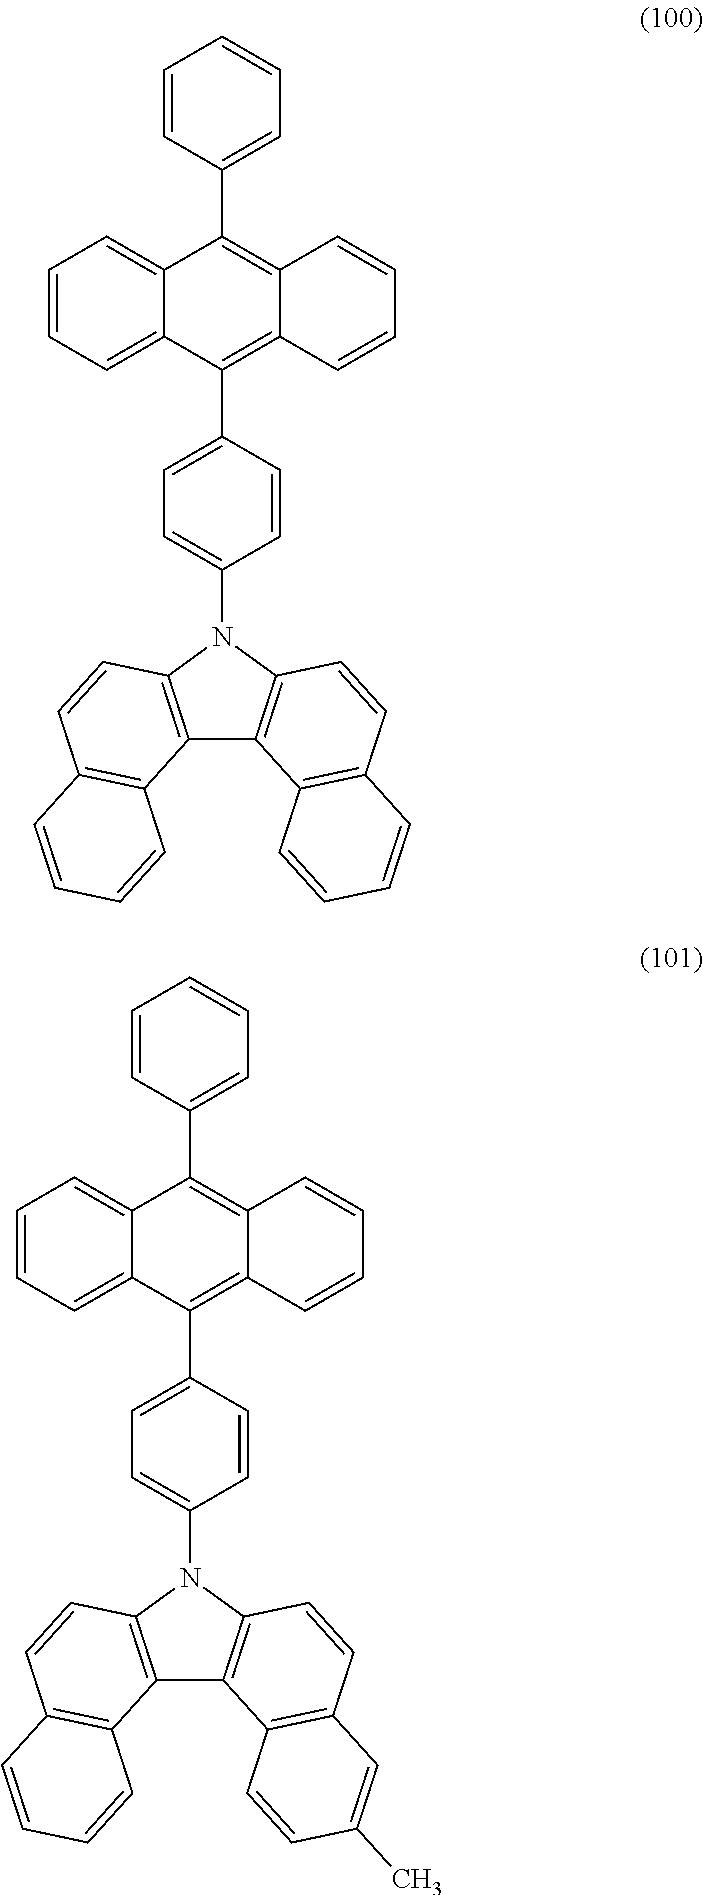 Figure US09240558-20160119-C00043